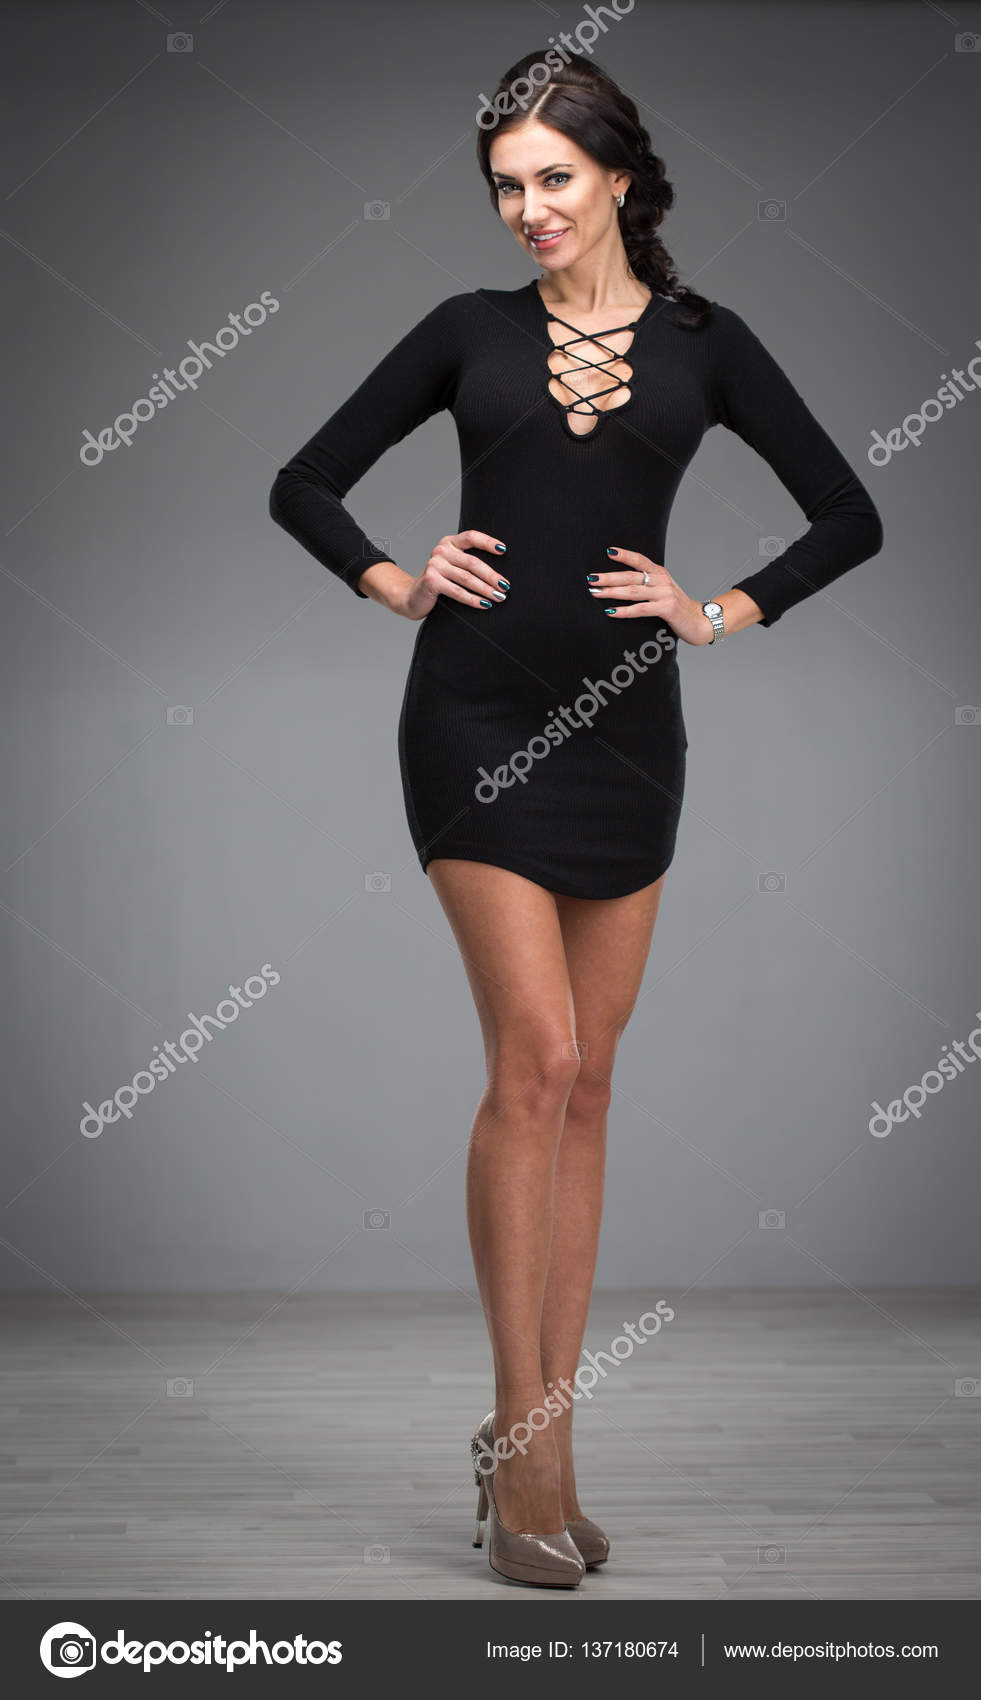 Vestidos cortos mujer